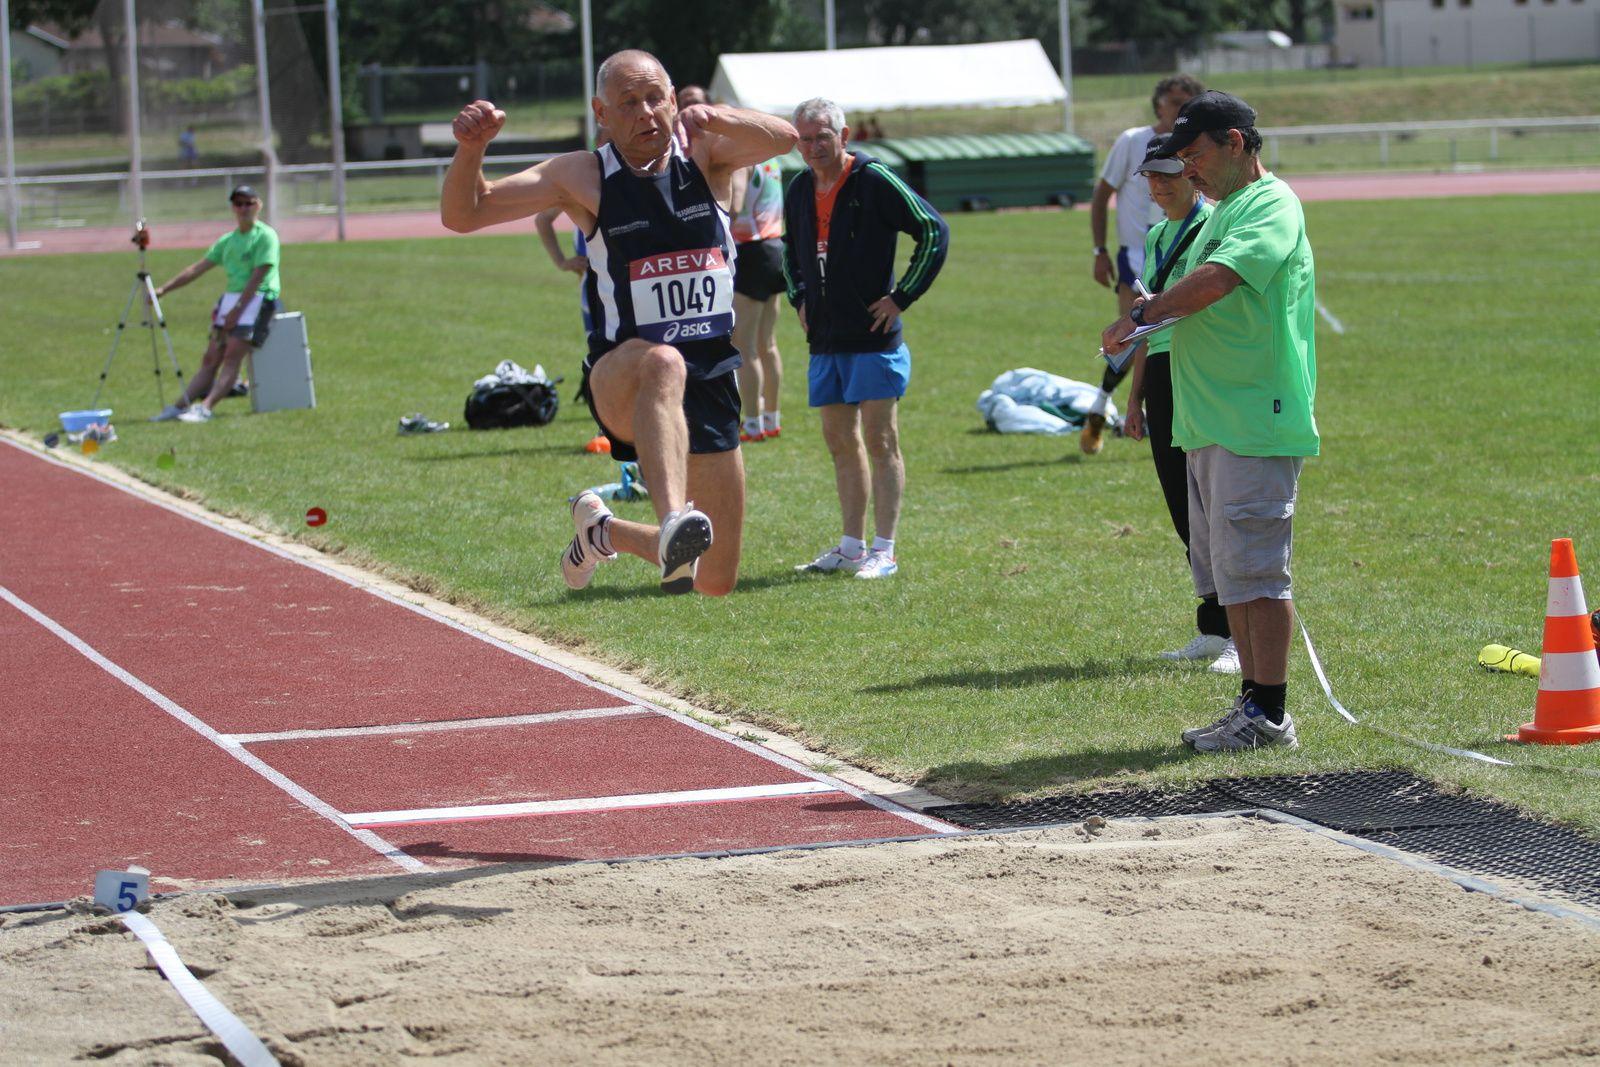 """Les """"masters"""" de l'athlétisme  ont fait fort ce vendredi malgré un vent soufflant à plus de 4 mètres par seconde"""